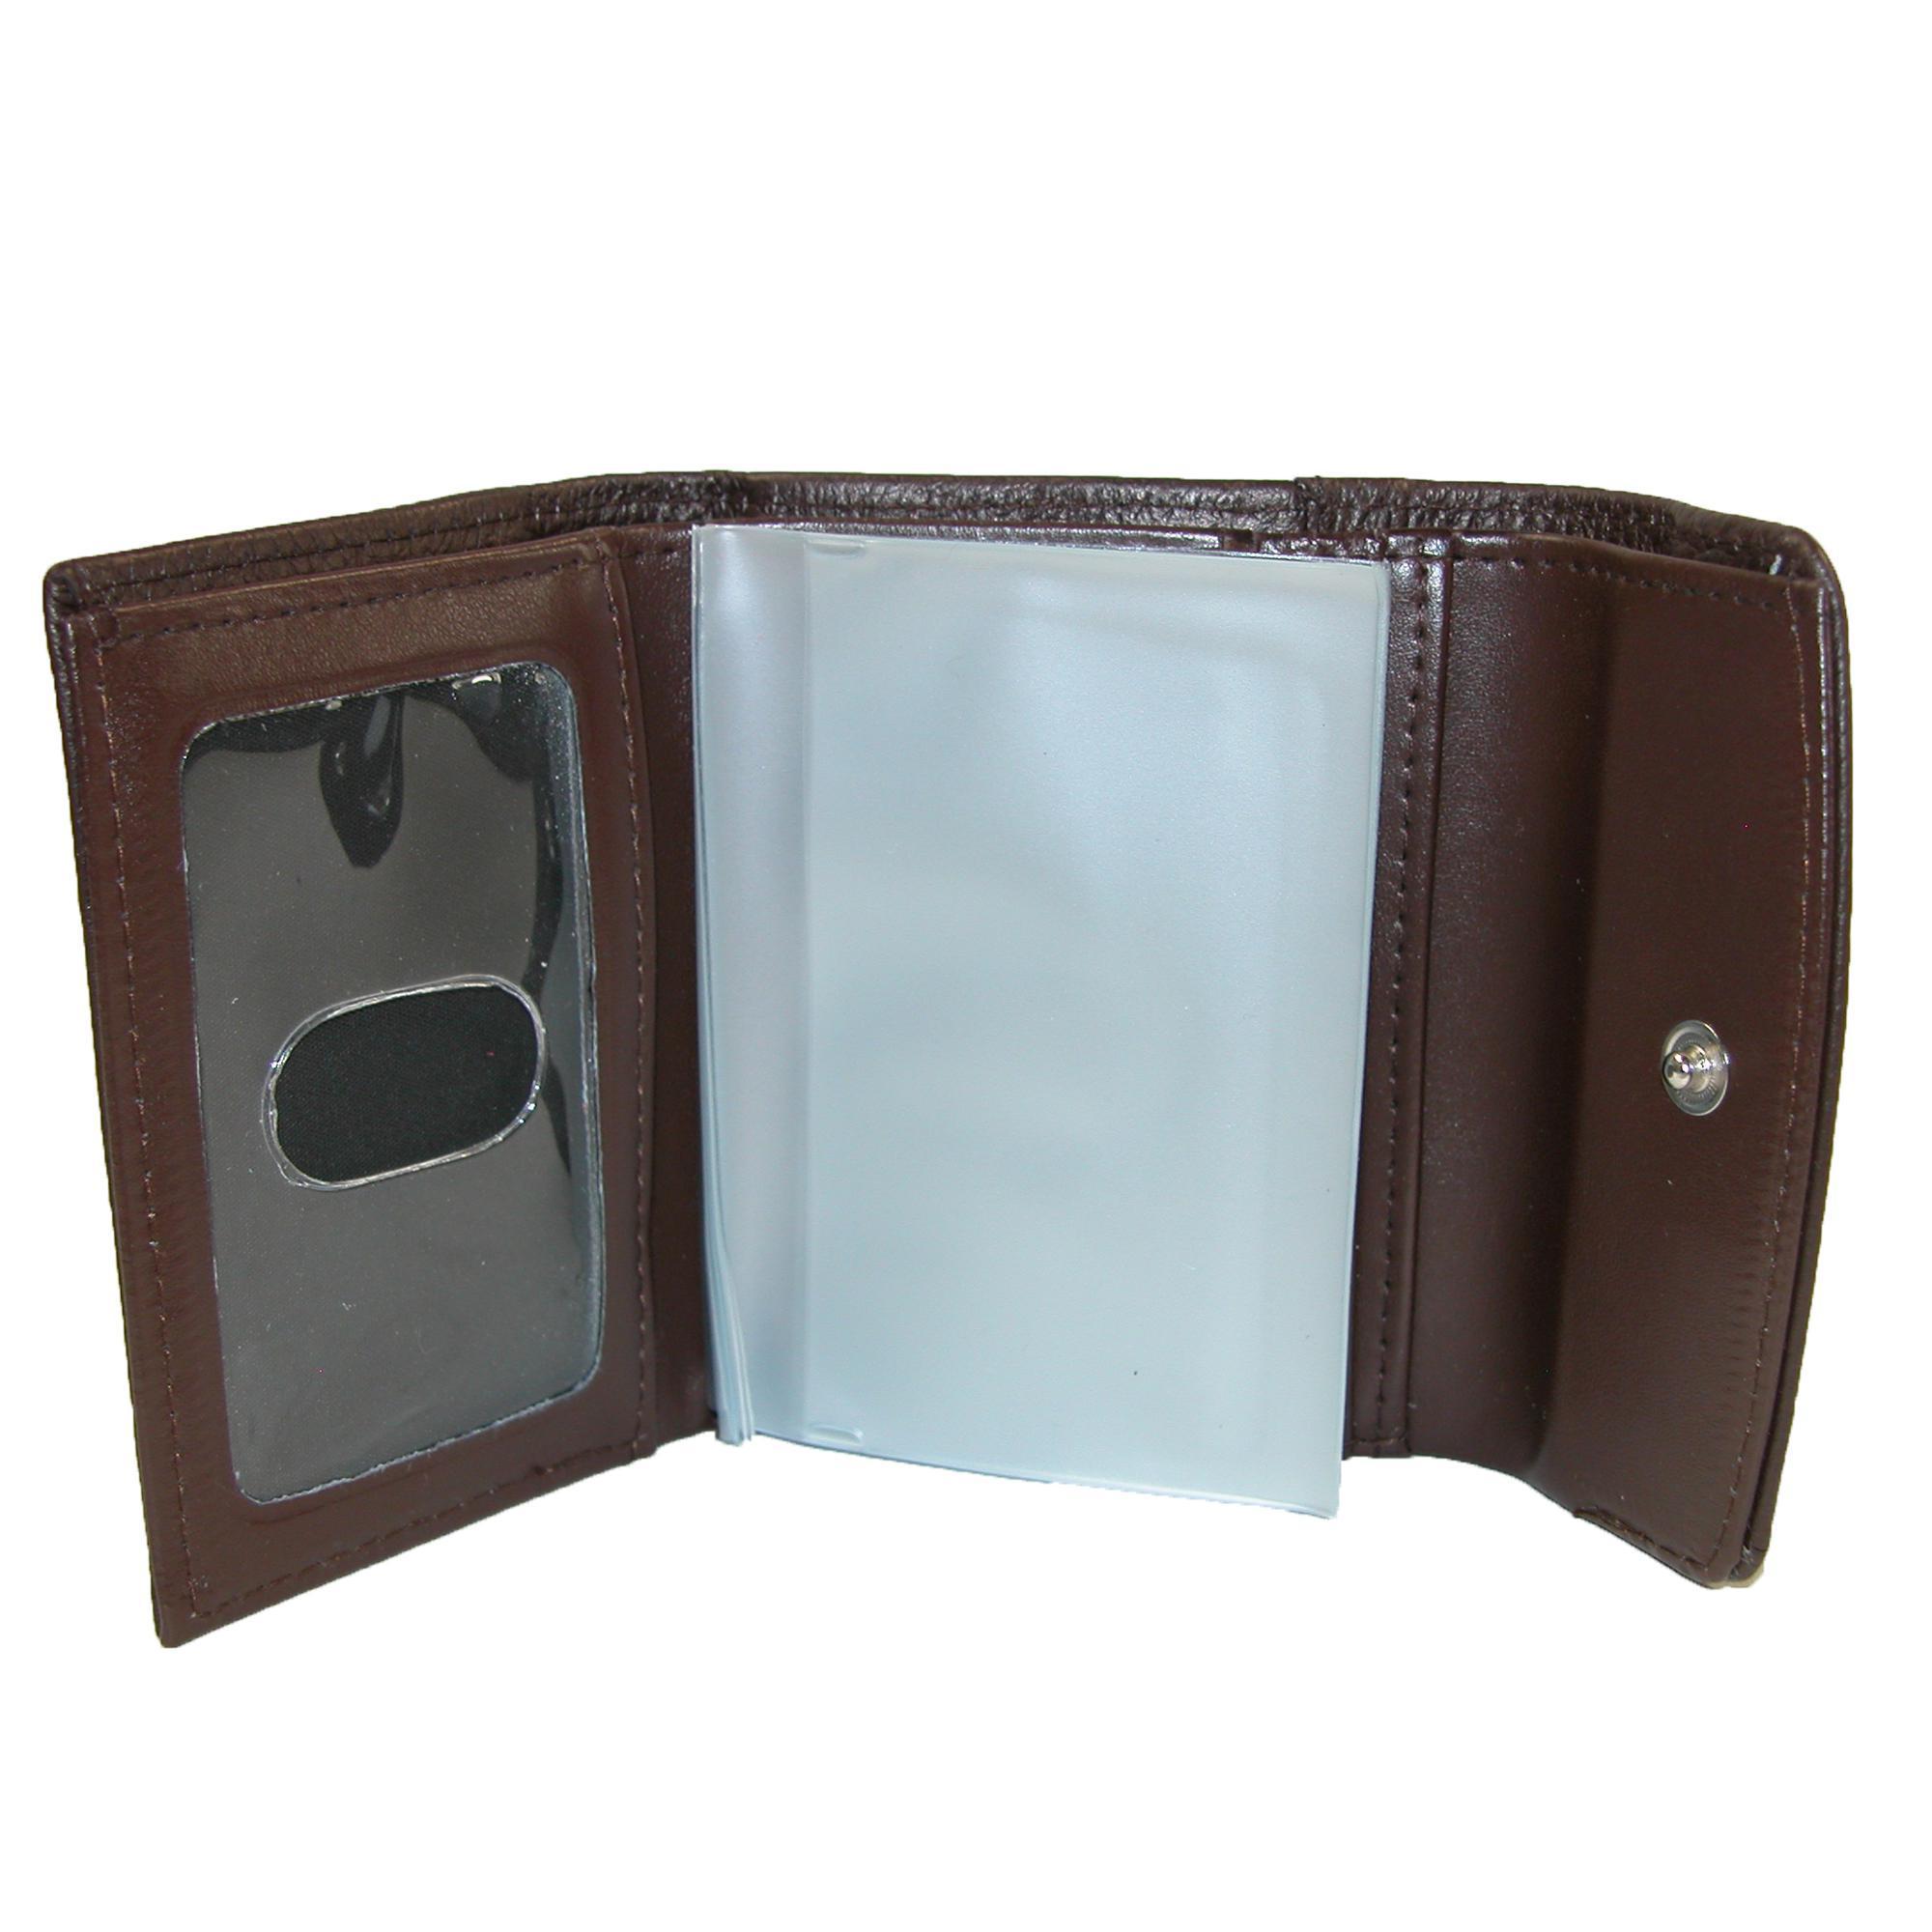 New-Buxton-Women-039-s-Leather-Mini-Tri-Fold-Wallet thumbnail 6